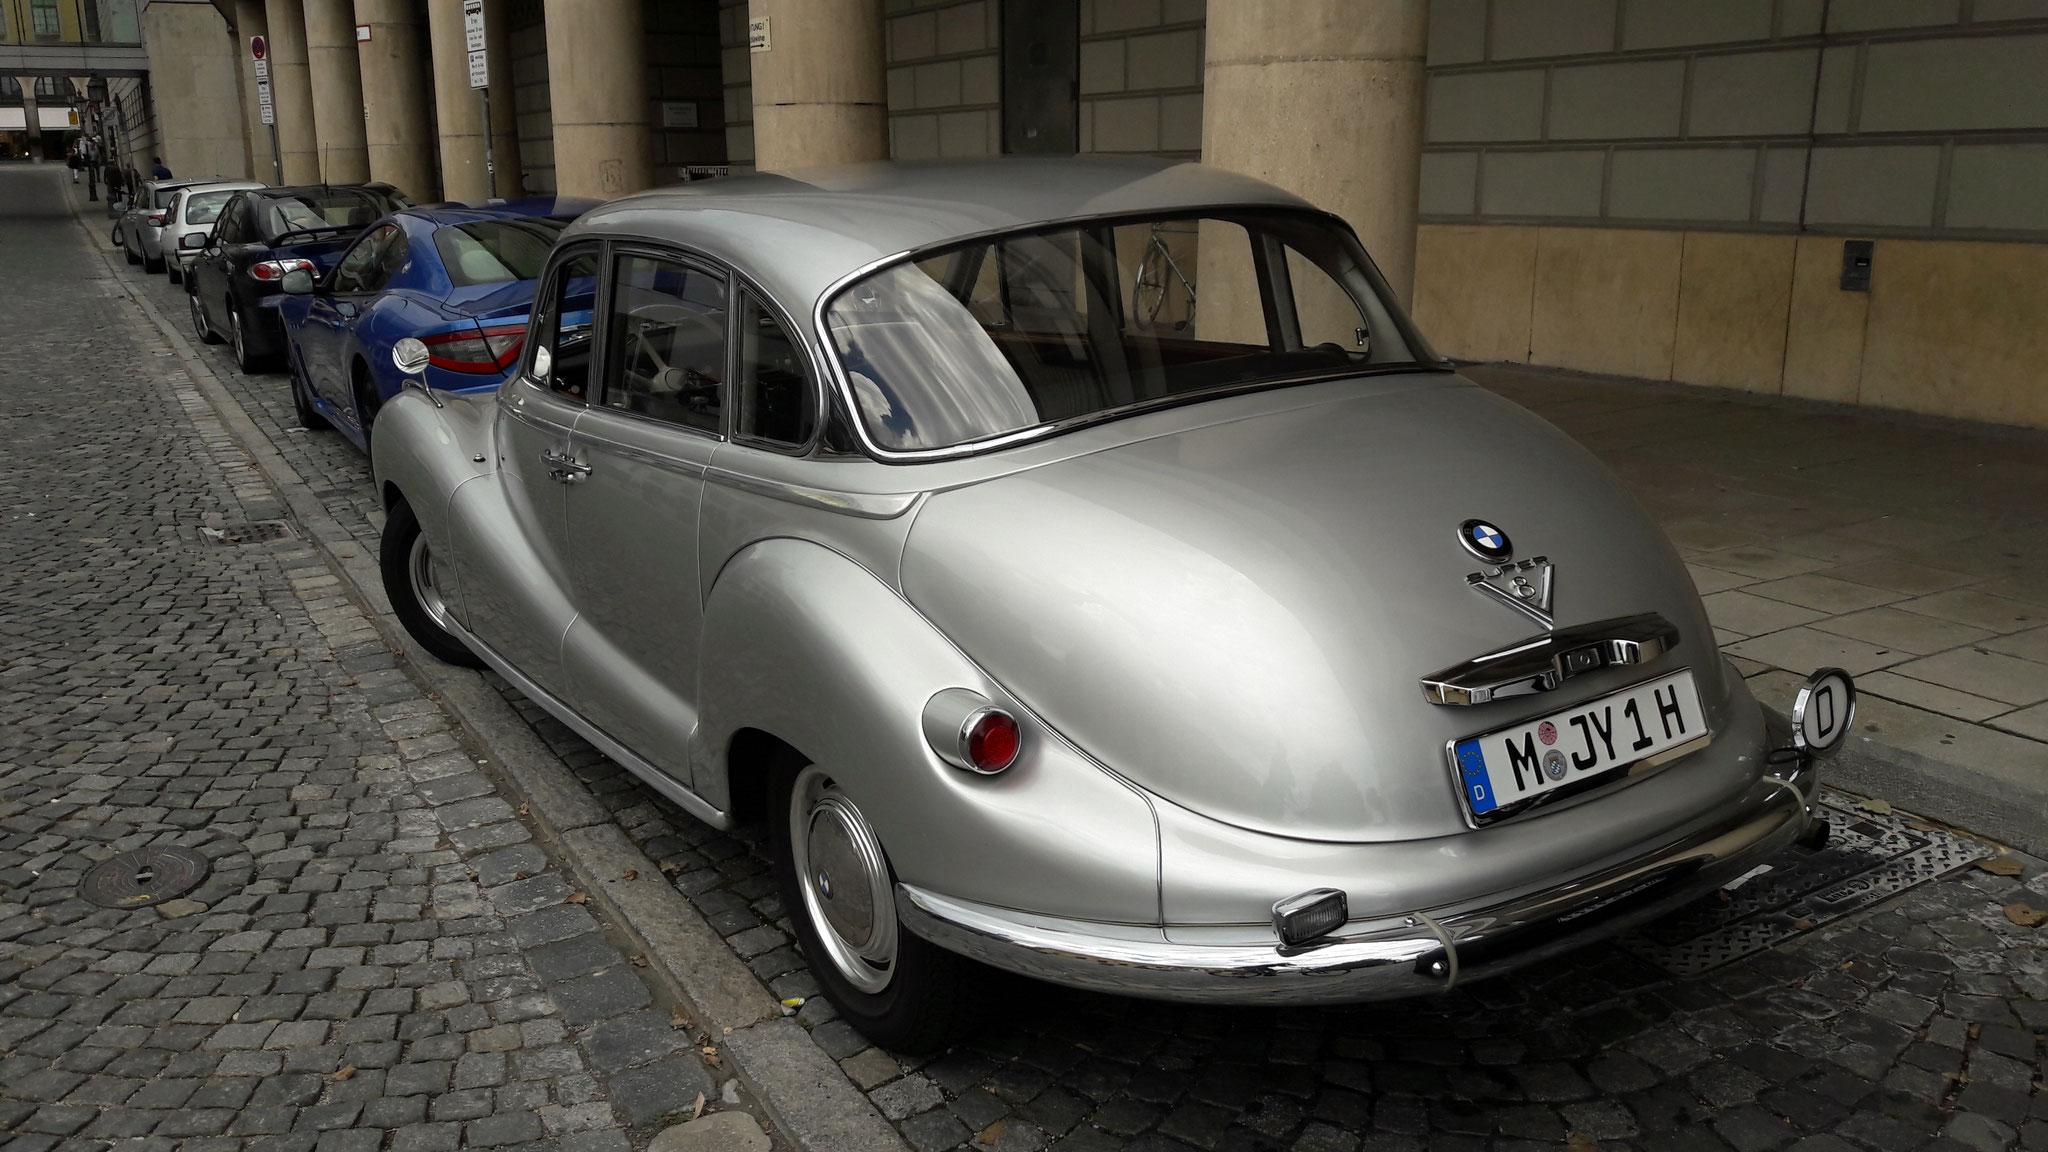 BMW 501/502 - M-JY-1H